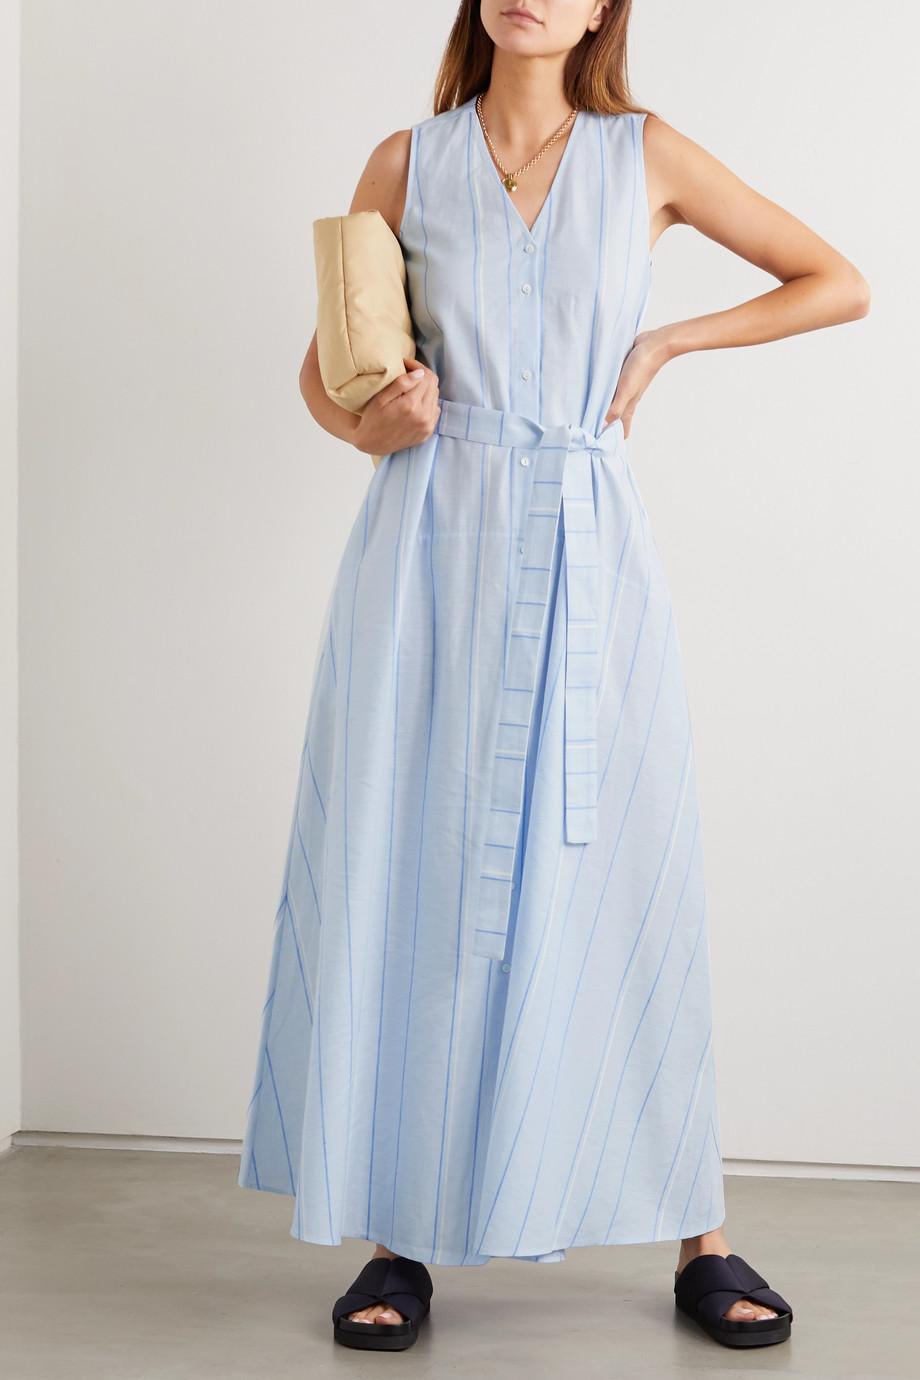 palmer//harding Sedona Maxi-Hemdblusenkleid aus einer gestreiften Baumwoll-Leinenmischung mit Bindegürtel